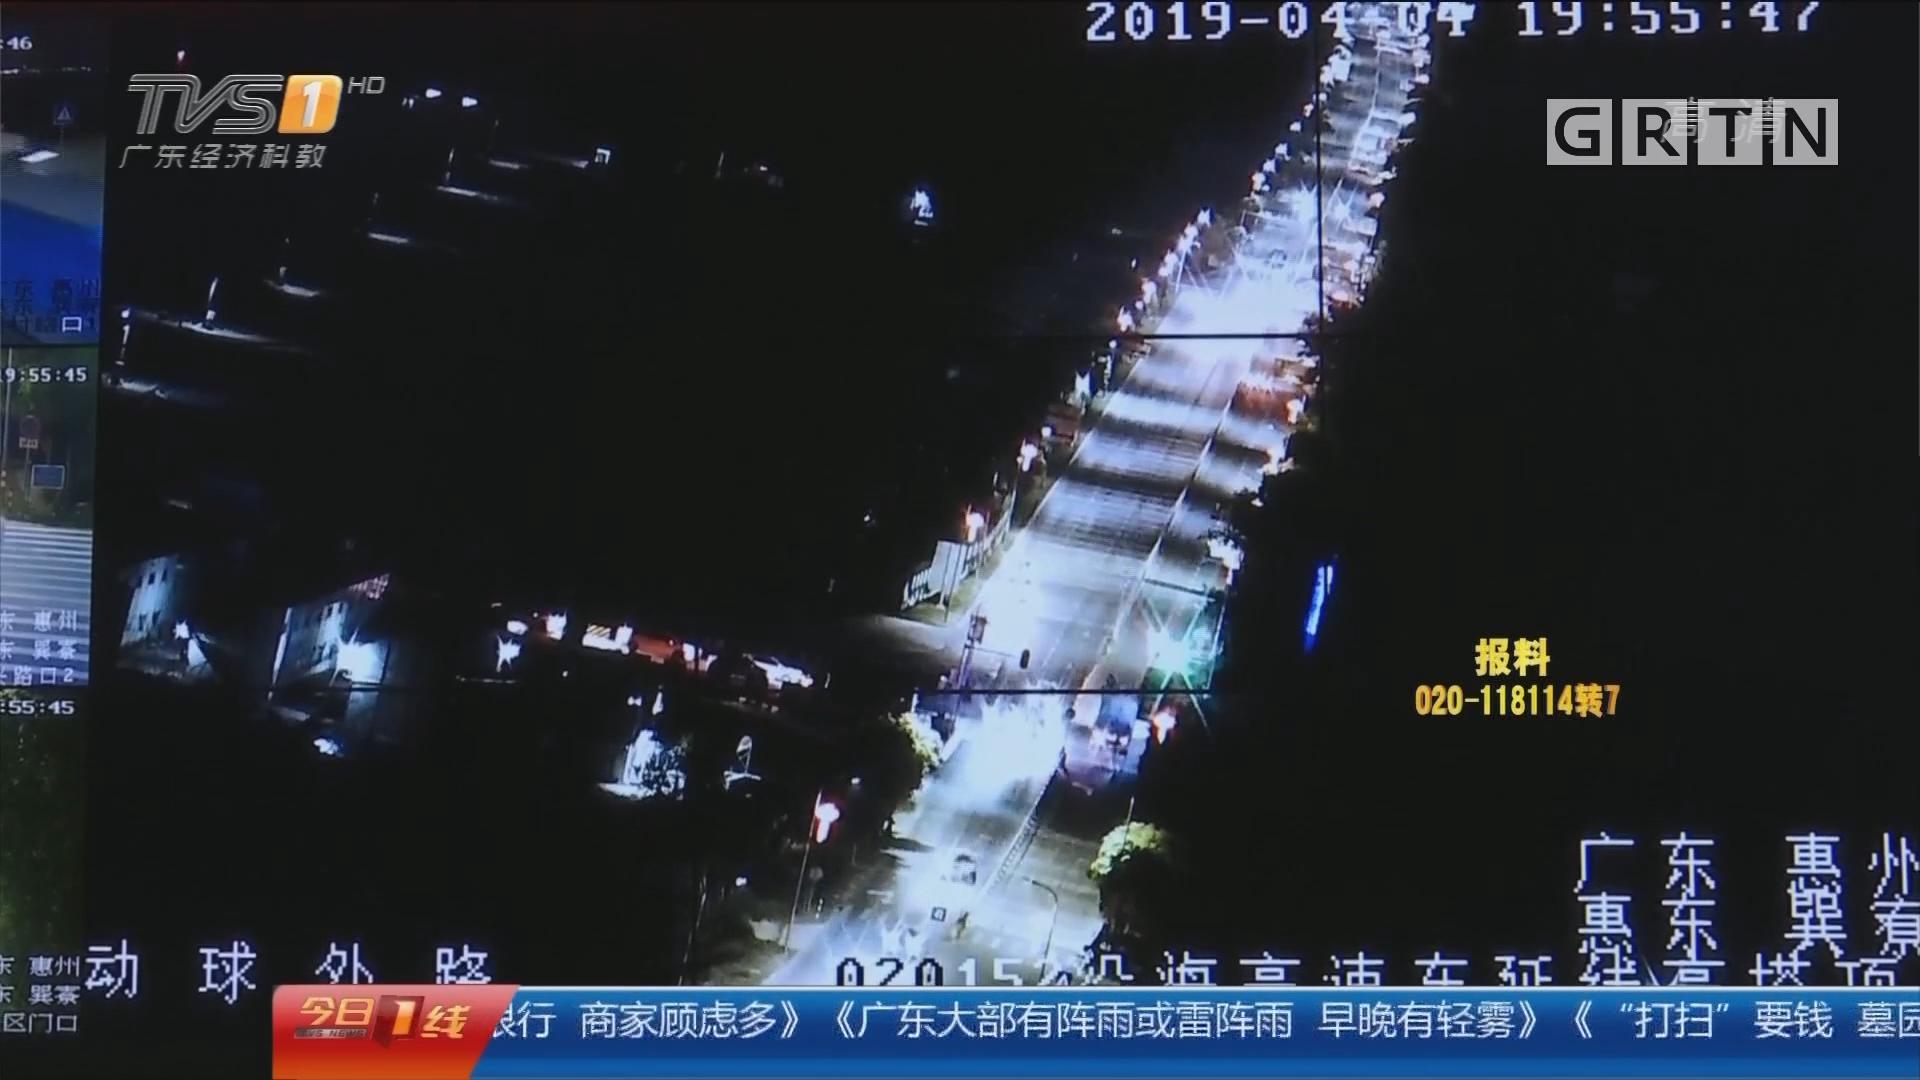 惠州巽寮湾:外来车辆明起将实施单双号限行